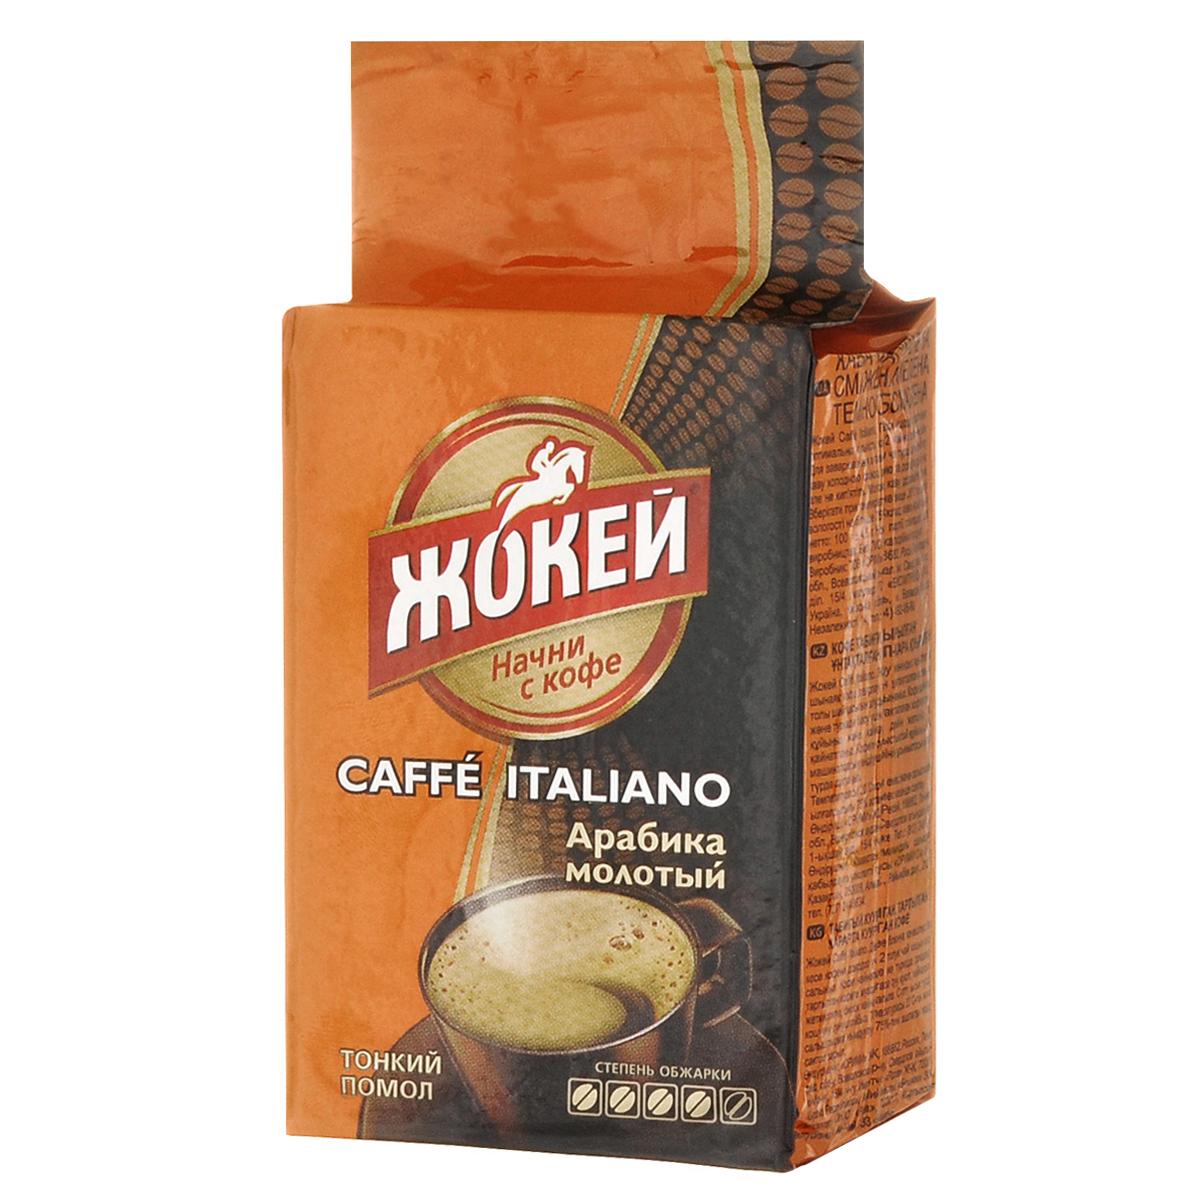 Жокей Caffe Italiano молотый, 100 г